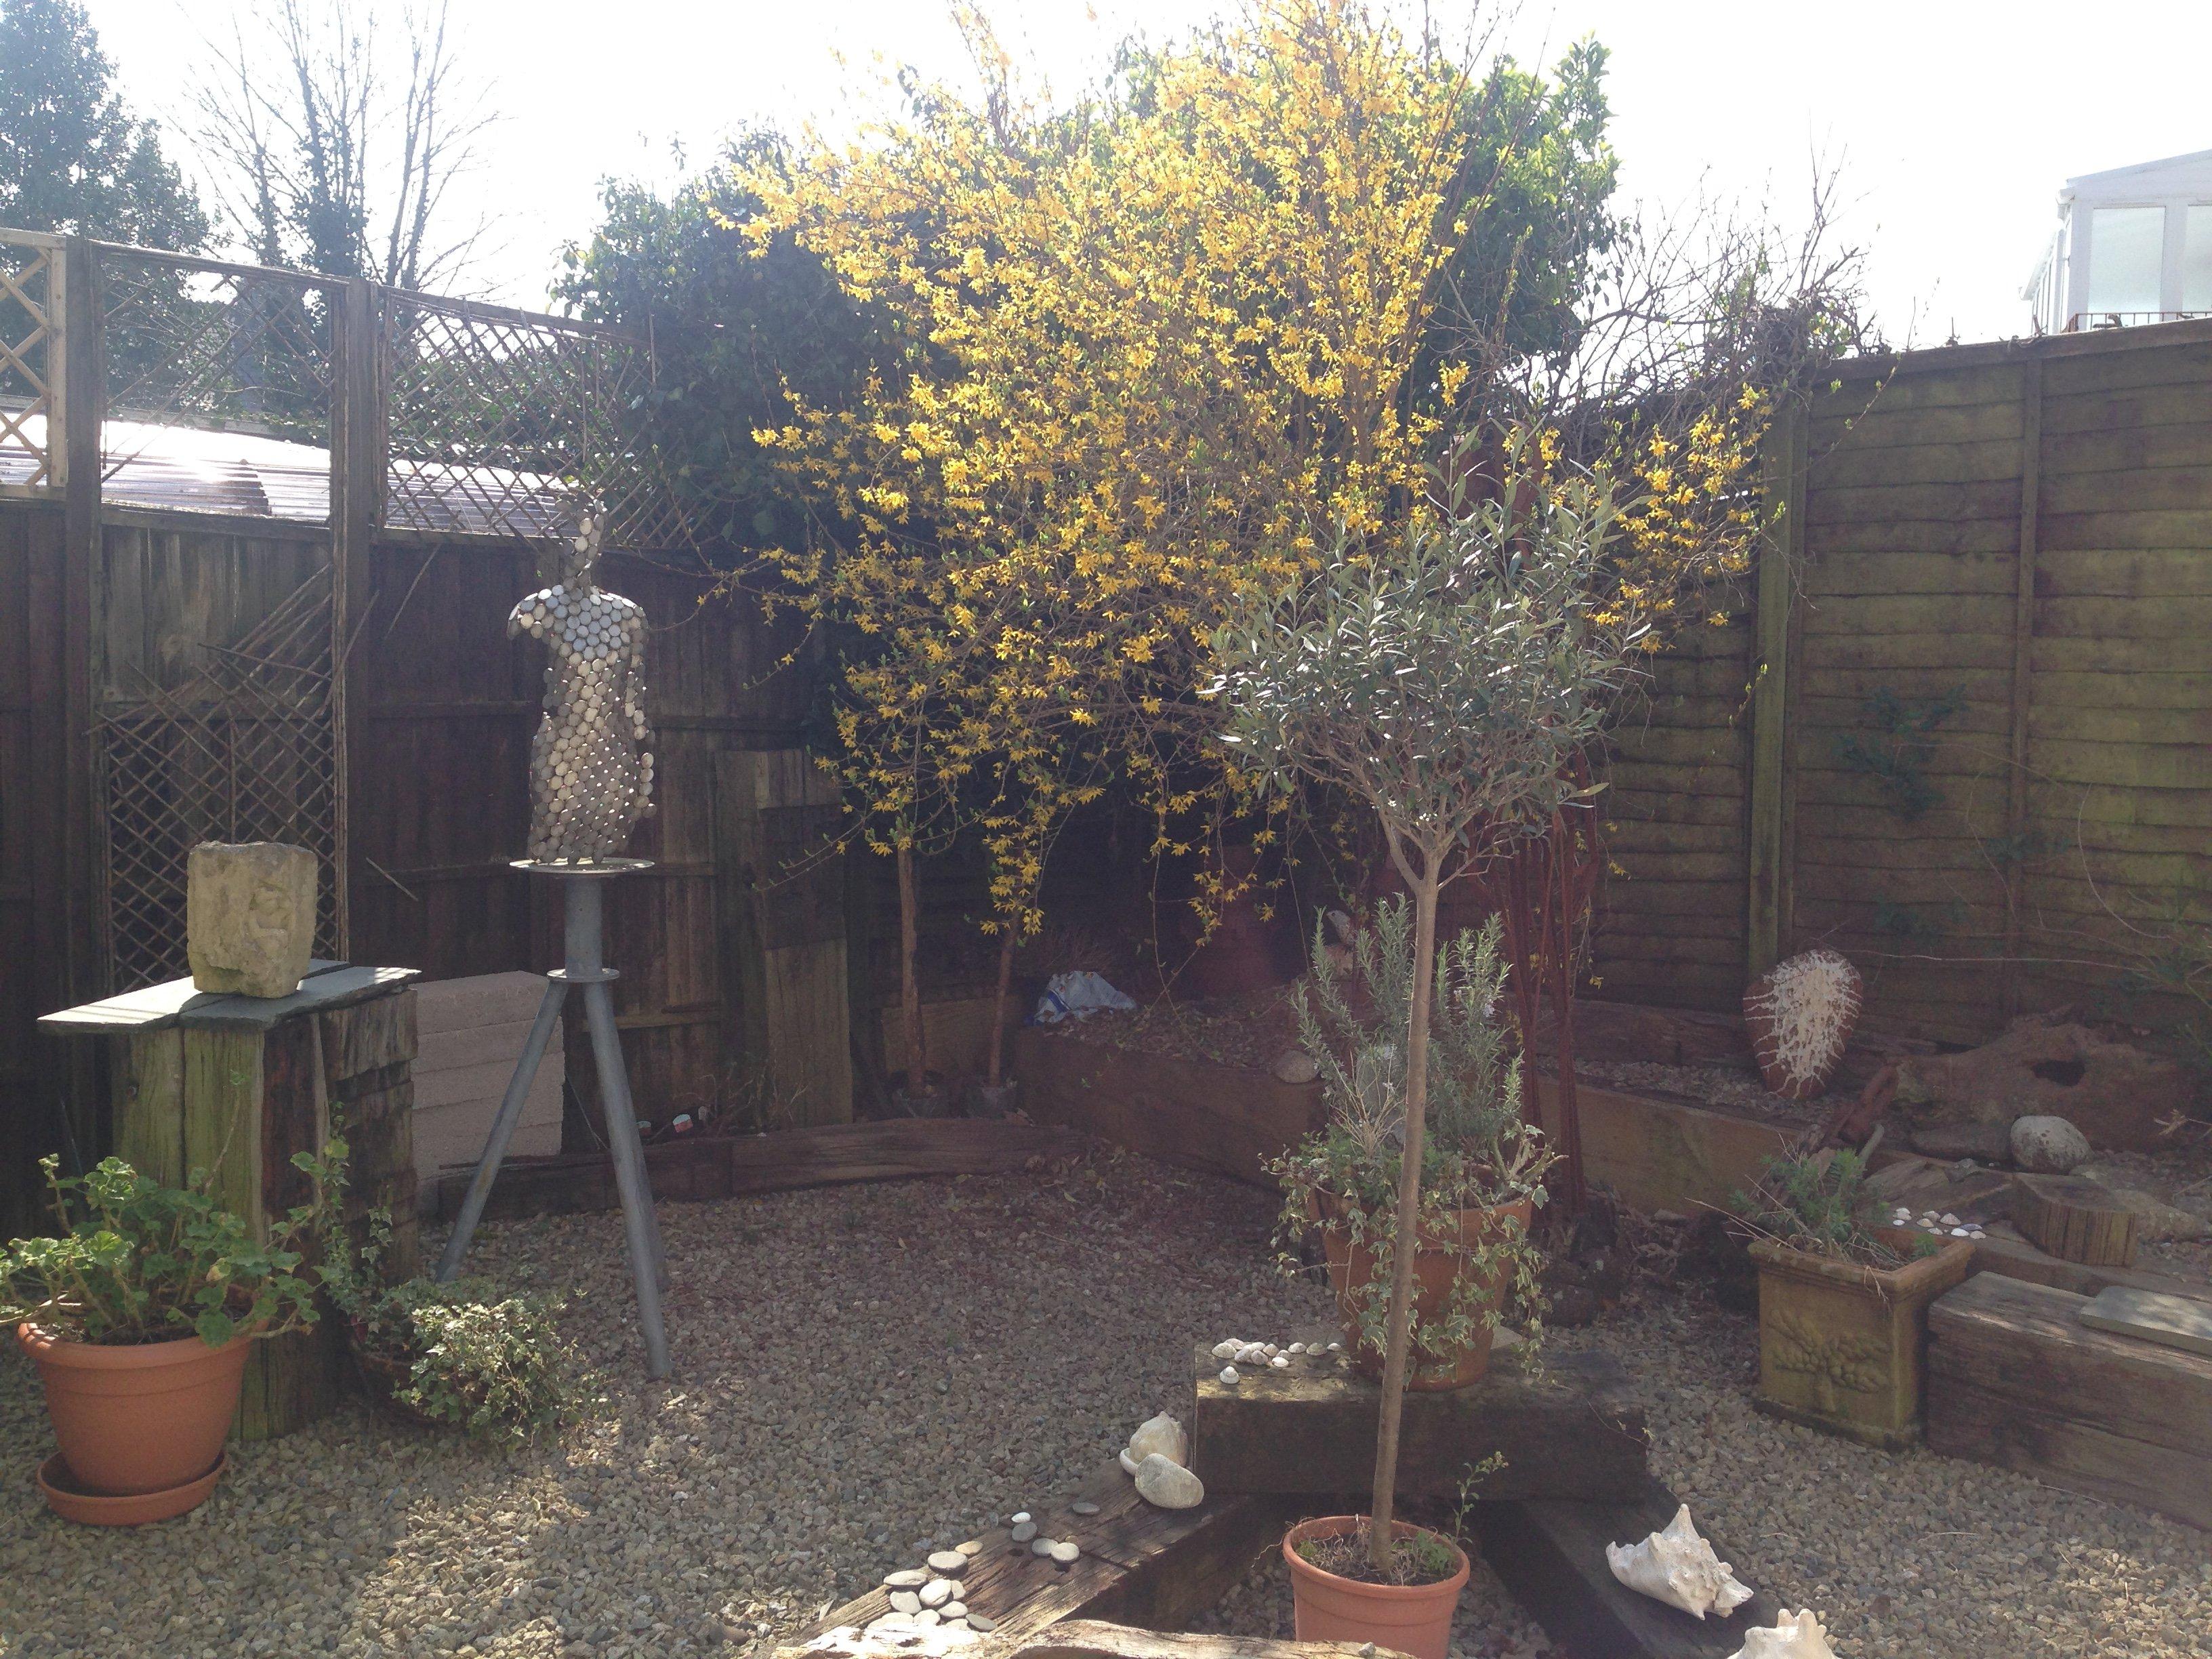 sculpture in the garden area